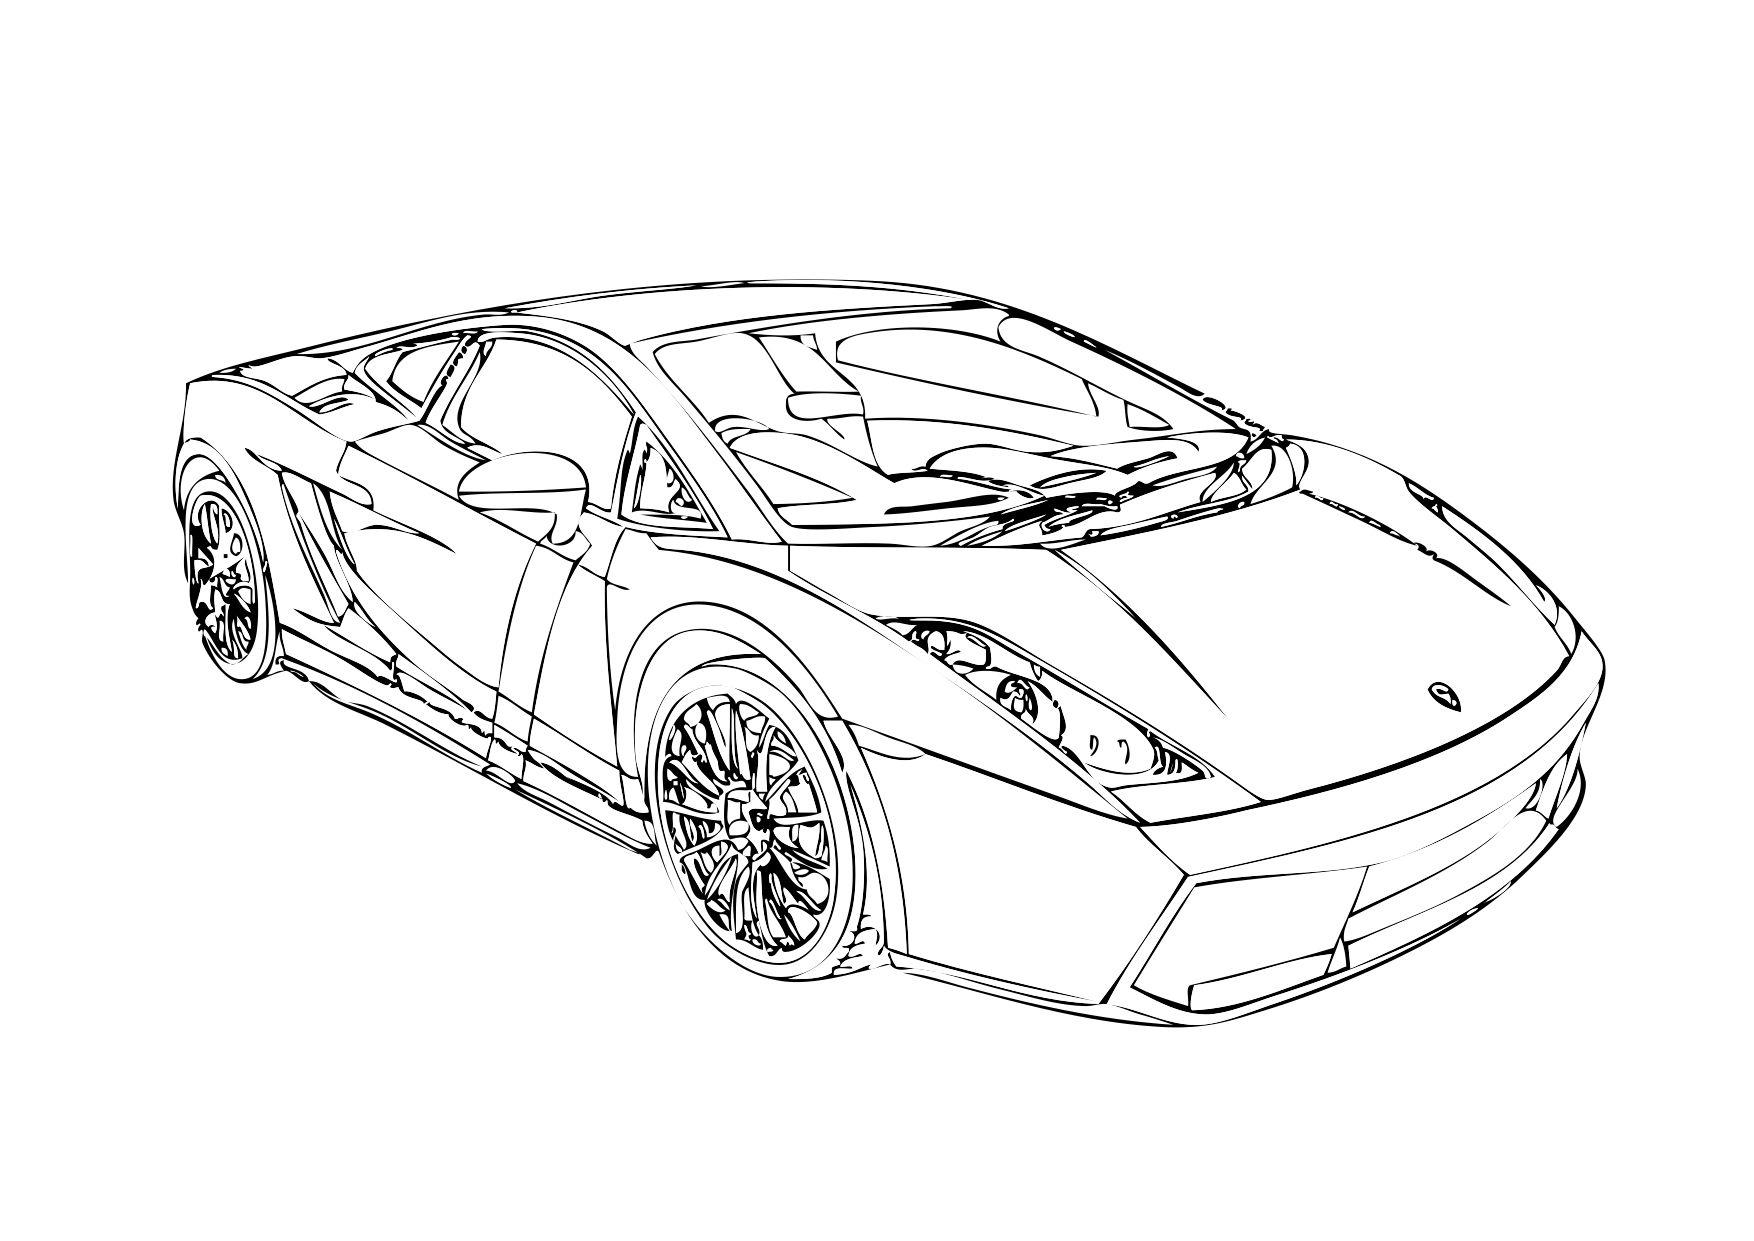 Lamborghini Reventon Coloring Pages at GetDrawings   Free ...